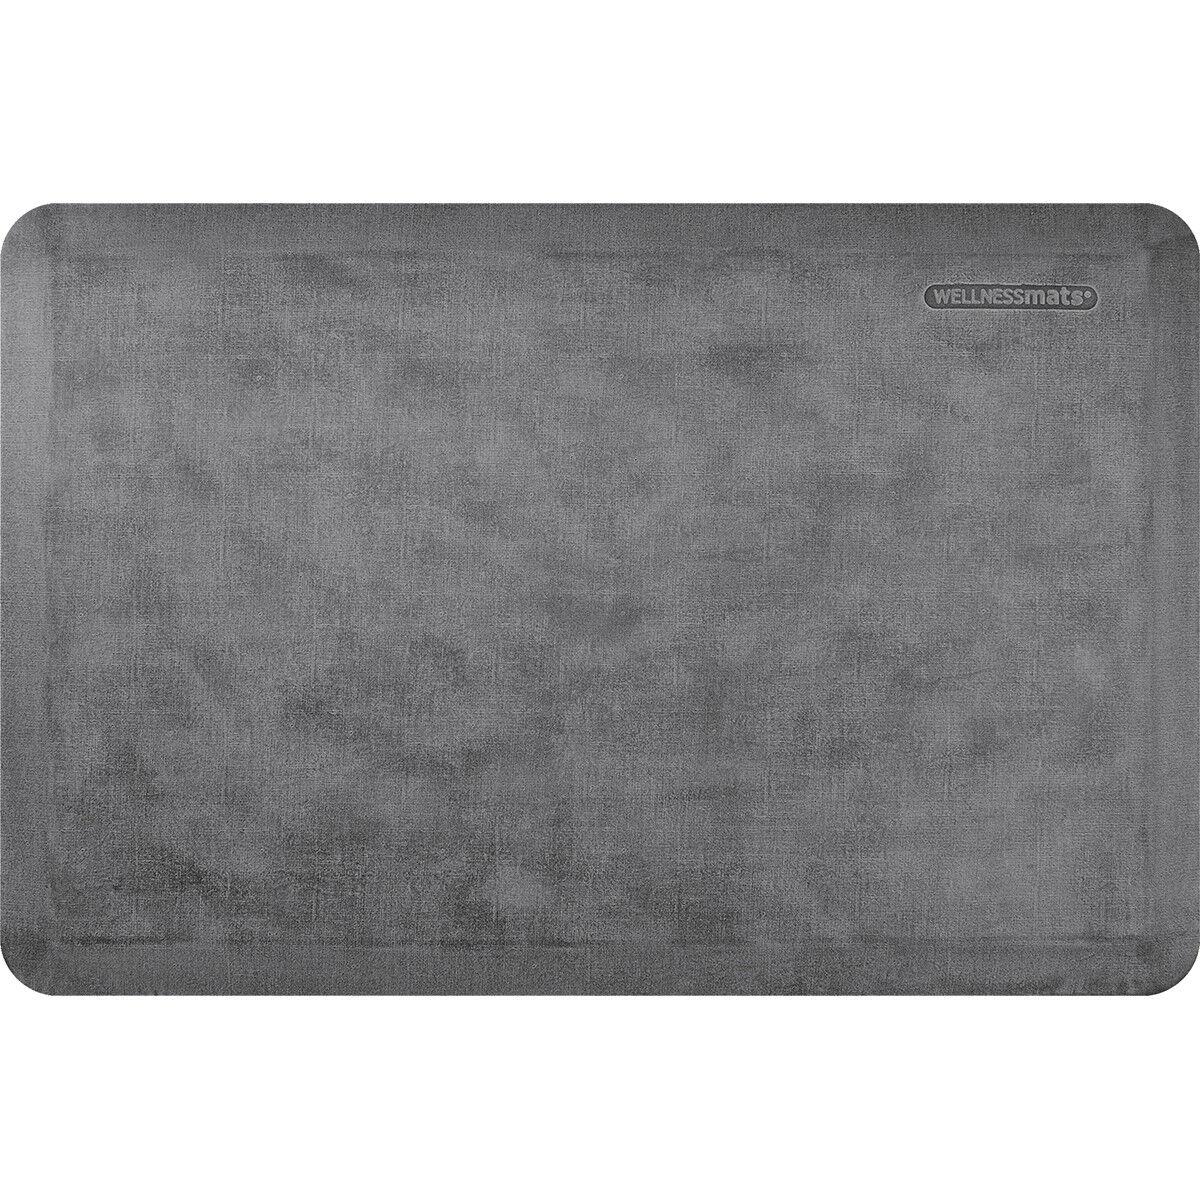 WellnessMats Estates Linen Anti-Fatigue Mat, Slate, 36  by 24